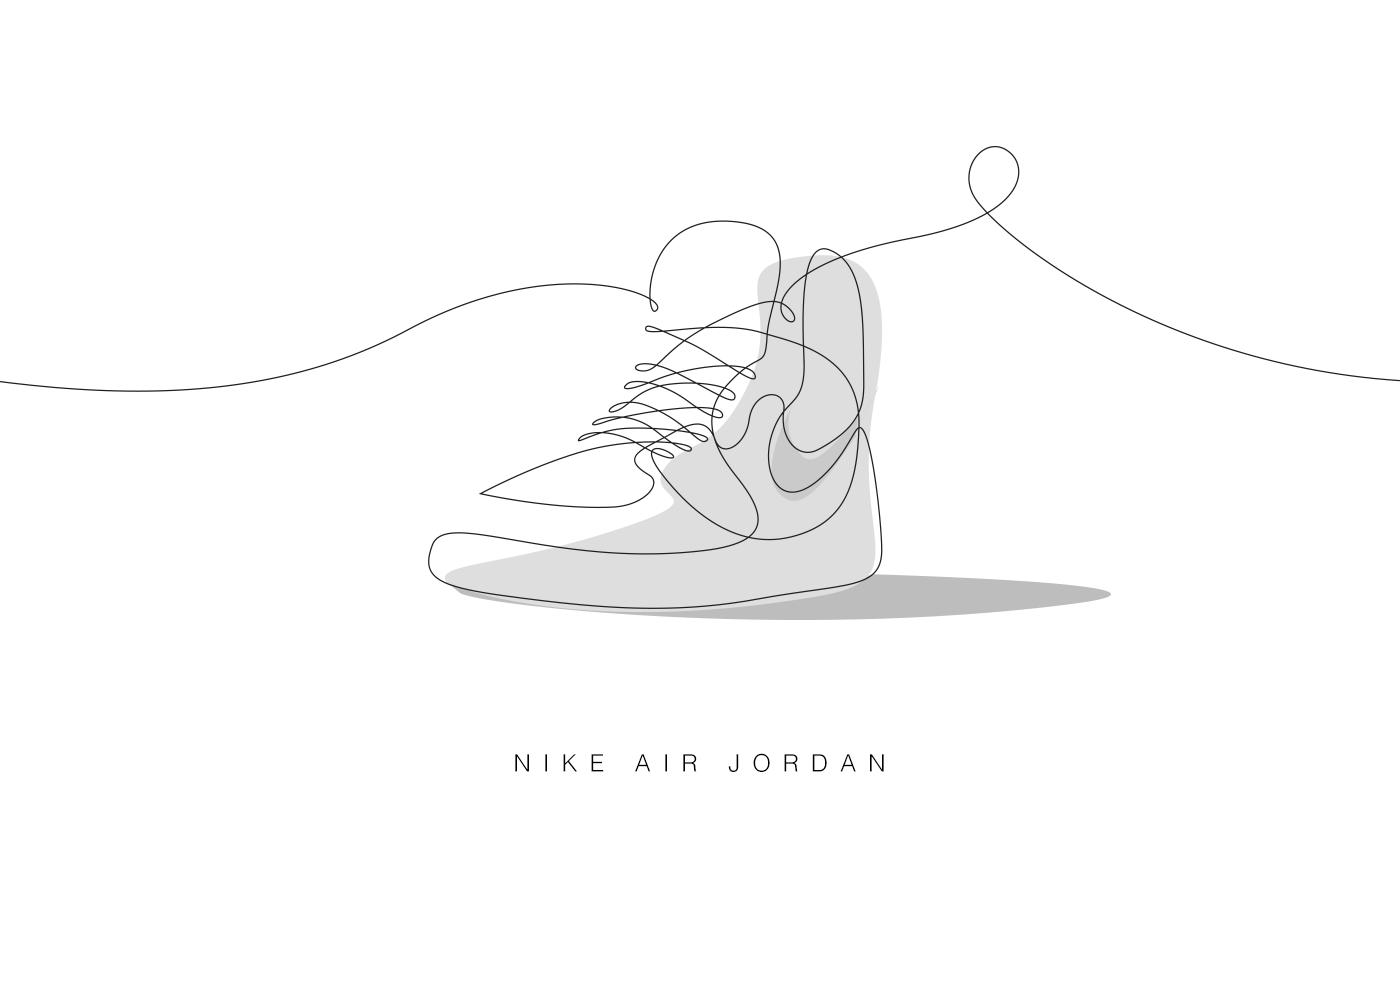 sneakers-airjordan-01.png